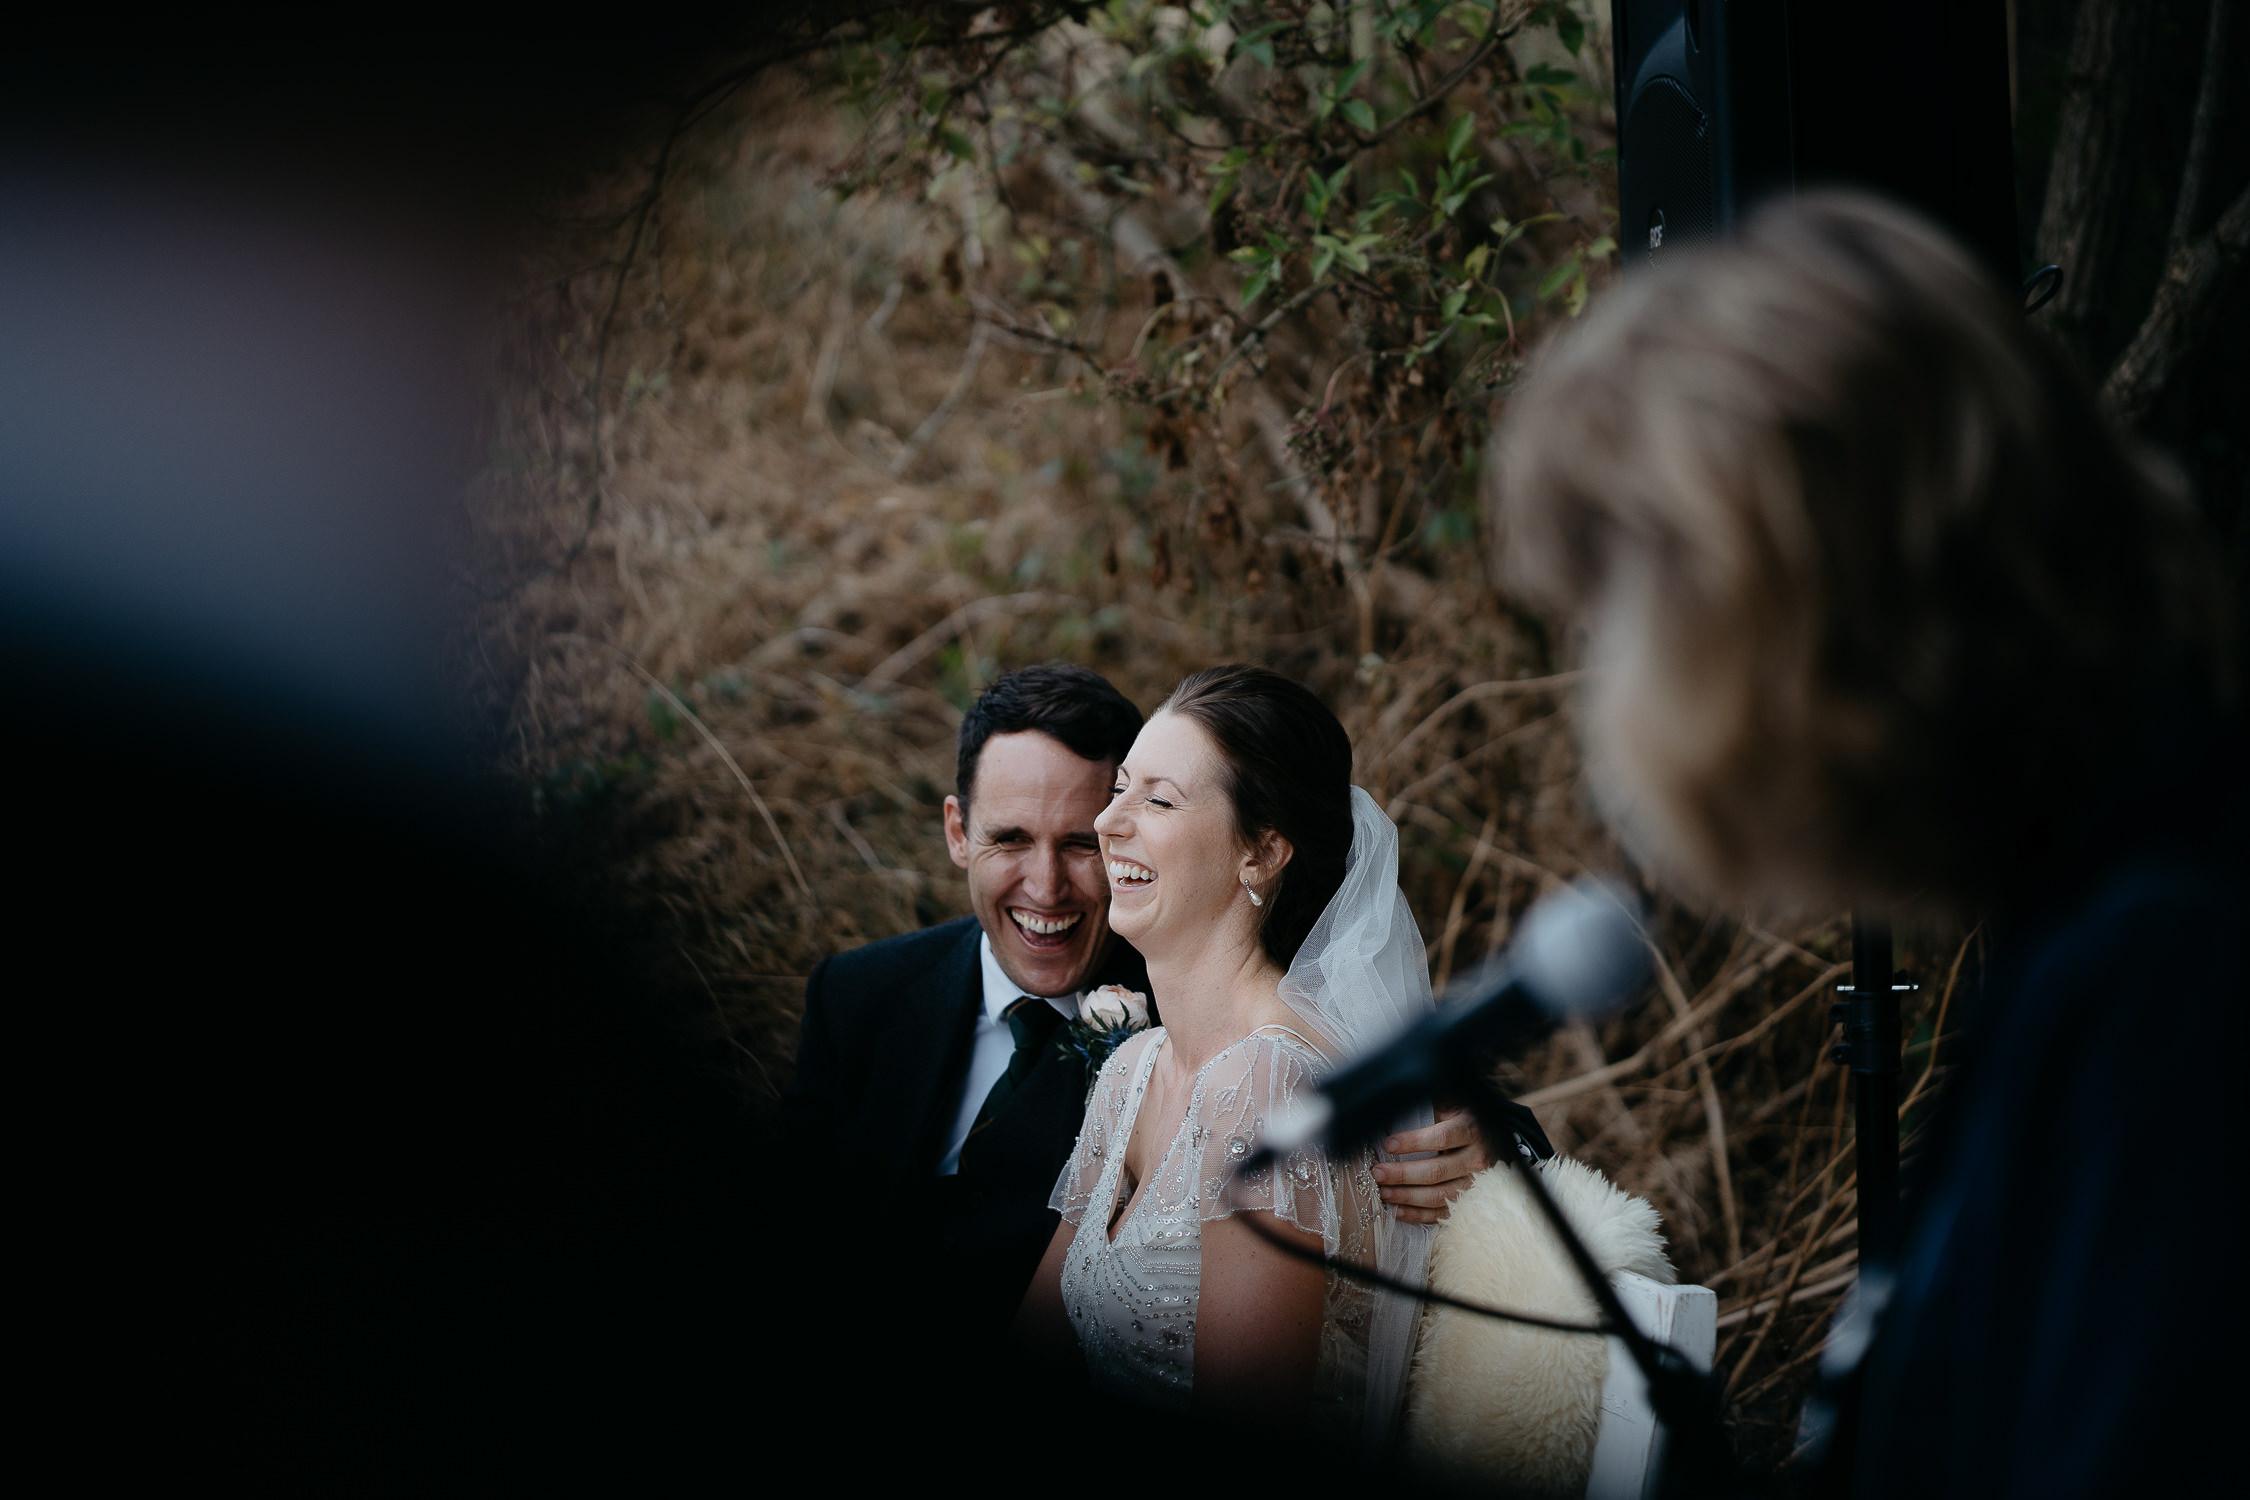 trouwfotograaf mark hadden koppel in amsterdam op bruiloft